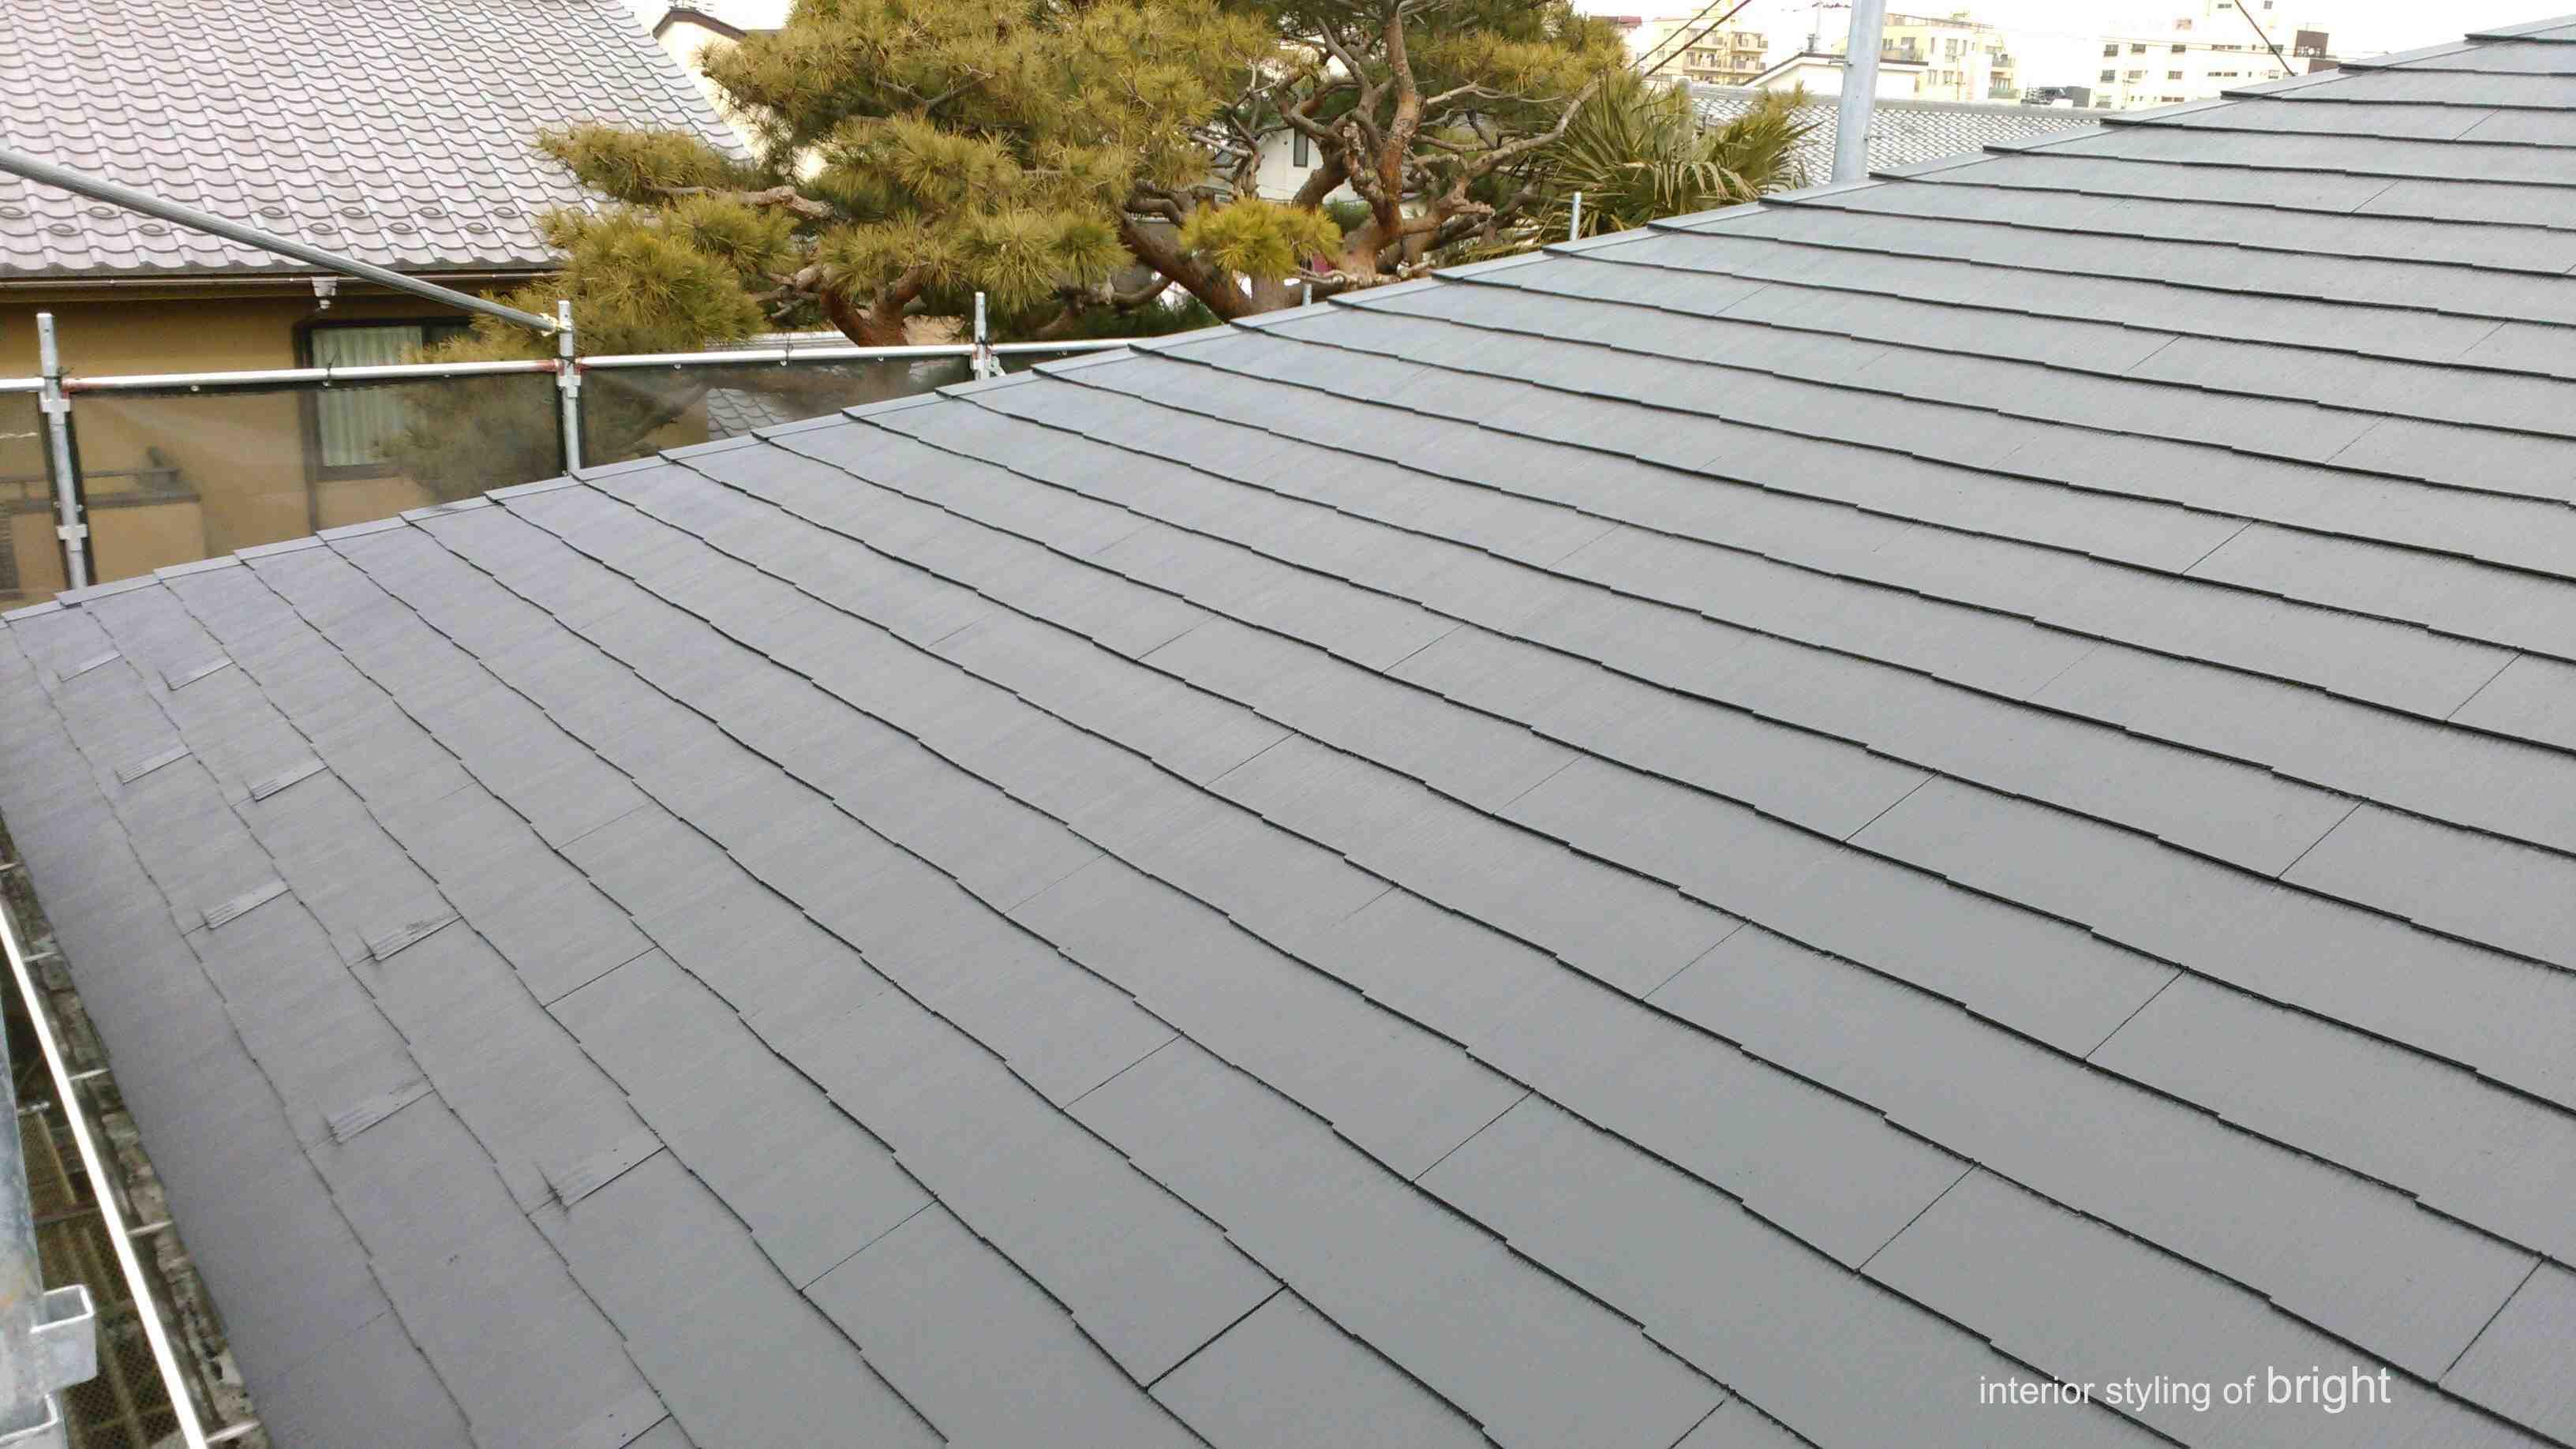 屋根外壁塗装 高圧洗浄と屋根塗装 オーダーカーテン・輸入壁紙のブライト_c0157866_14563824.jpg